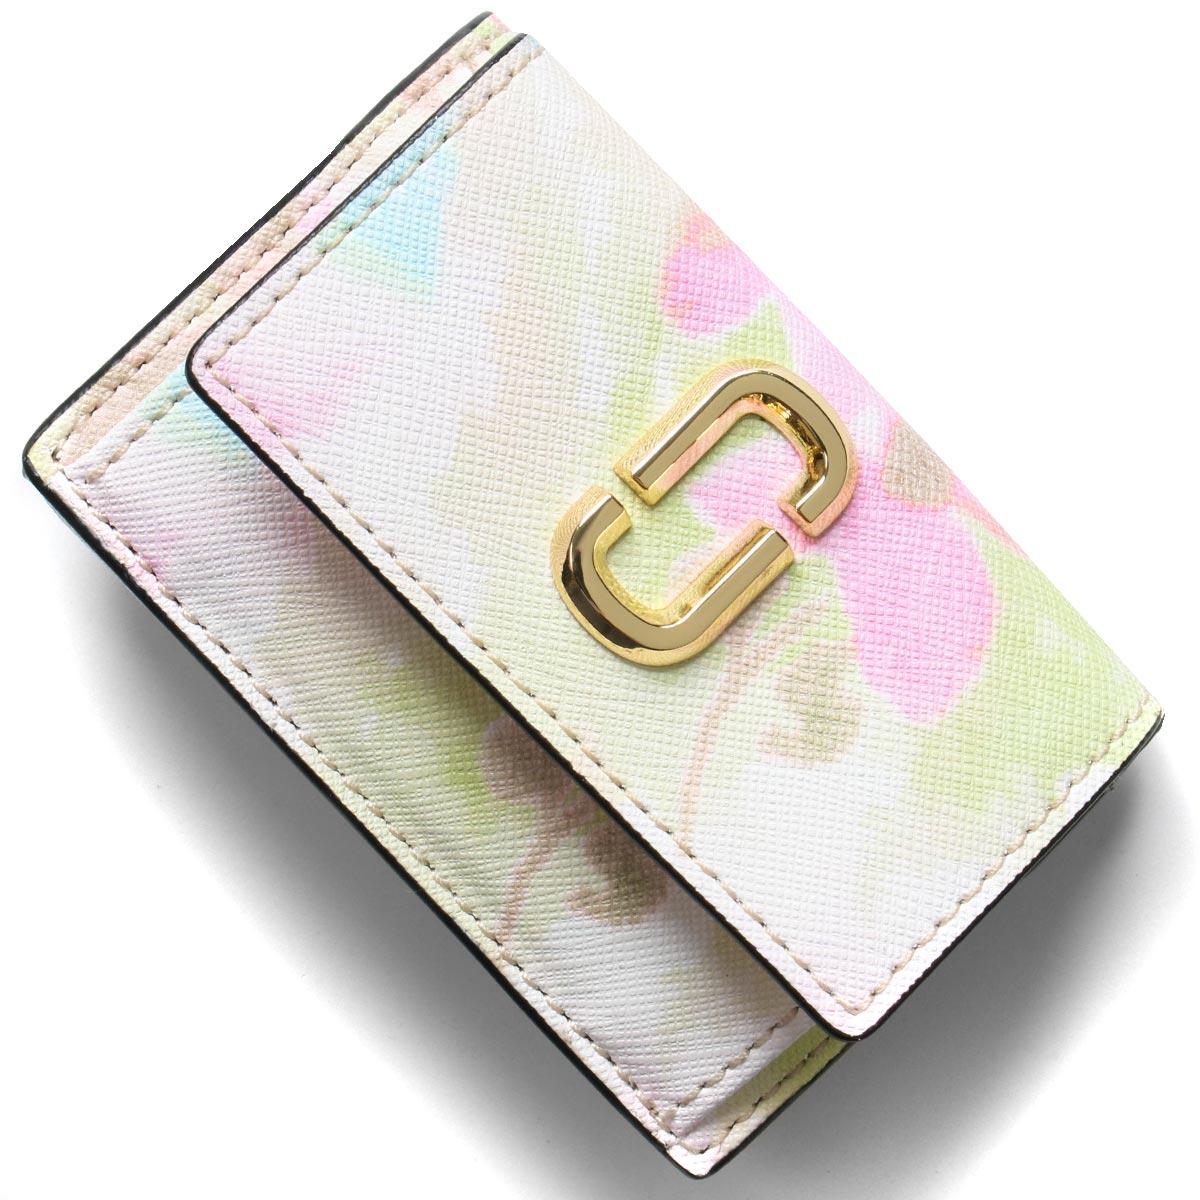 マークジェイコブス 三つ折り財布/ミニ財布 財布 レディース スナップショット ダブルJロゴ ピンクマルチ M0016175 651 MARC JACOBS